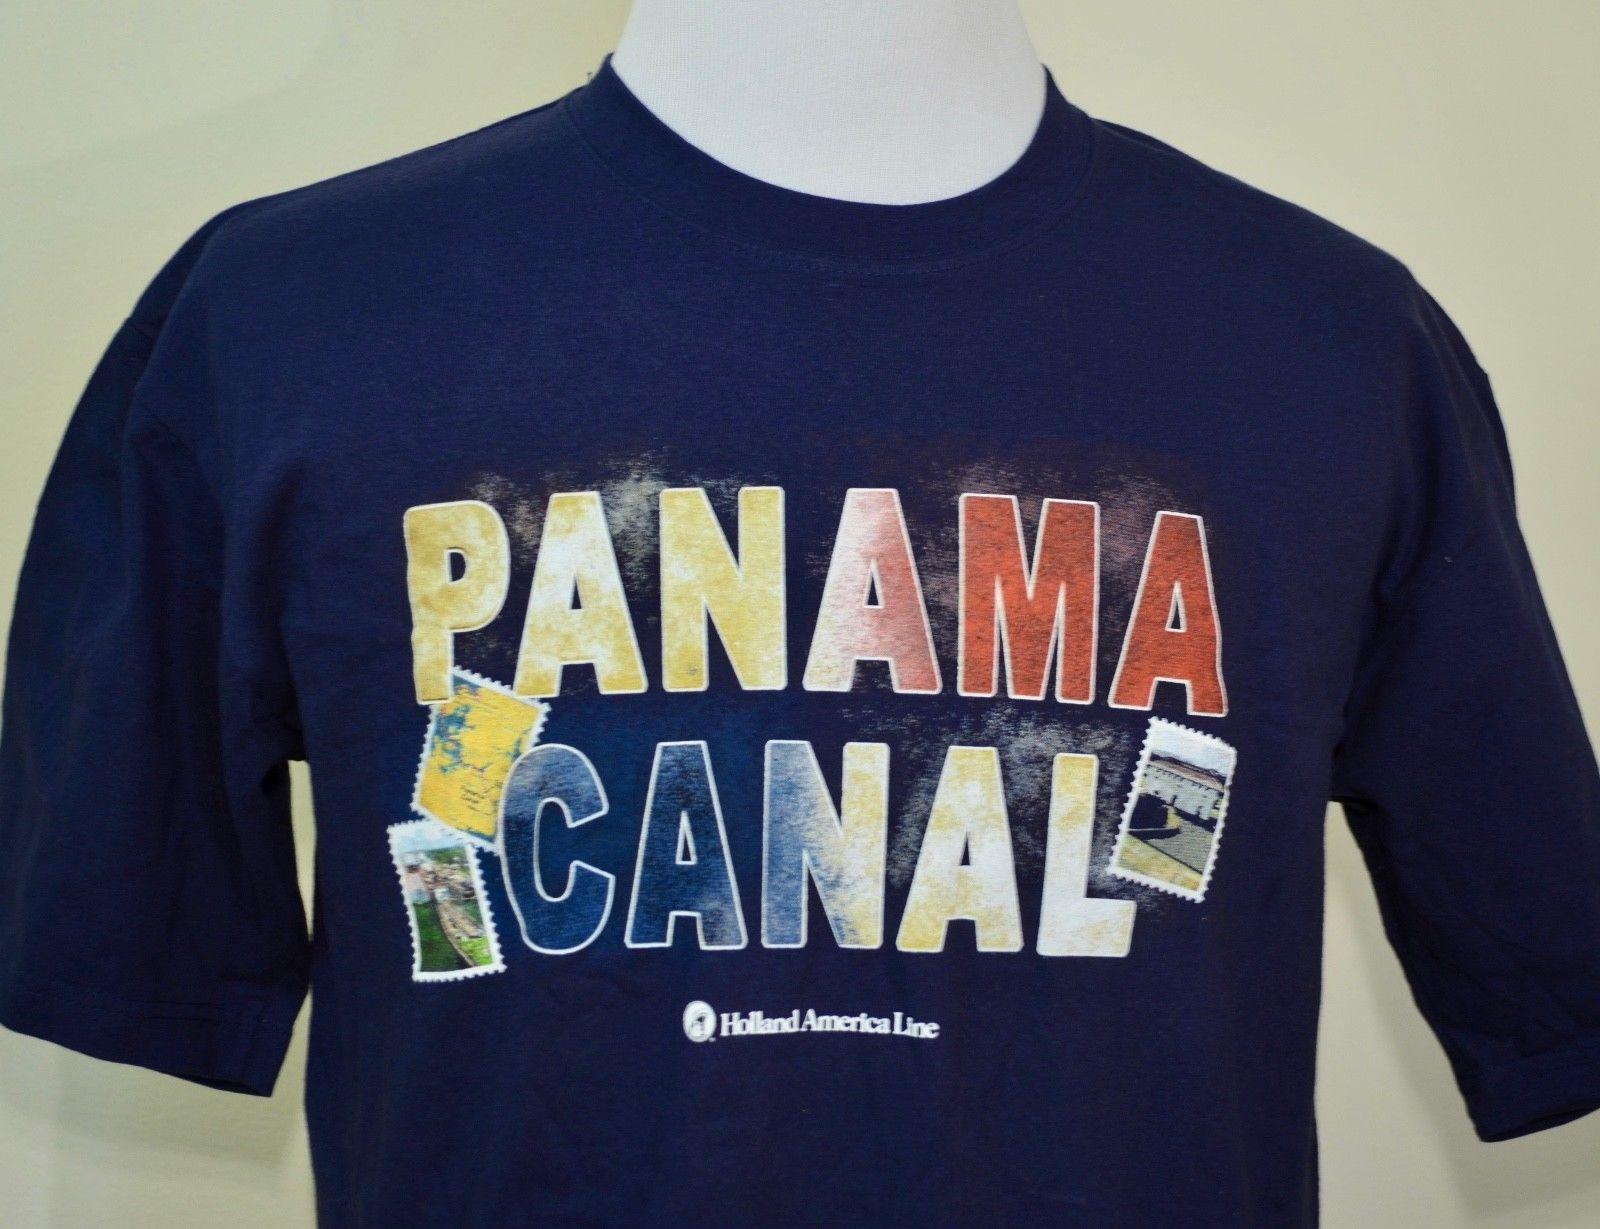 Camiseta del Canal de Panamá grande azul nuevo con la etiqueta Holanda América crucero línea